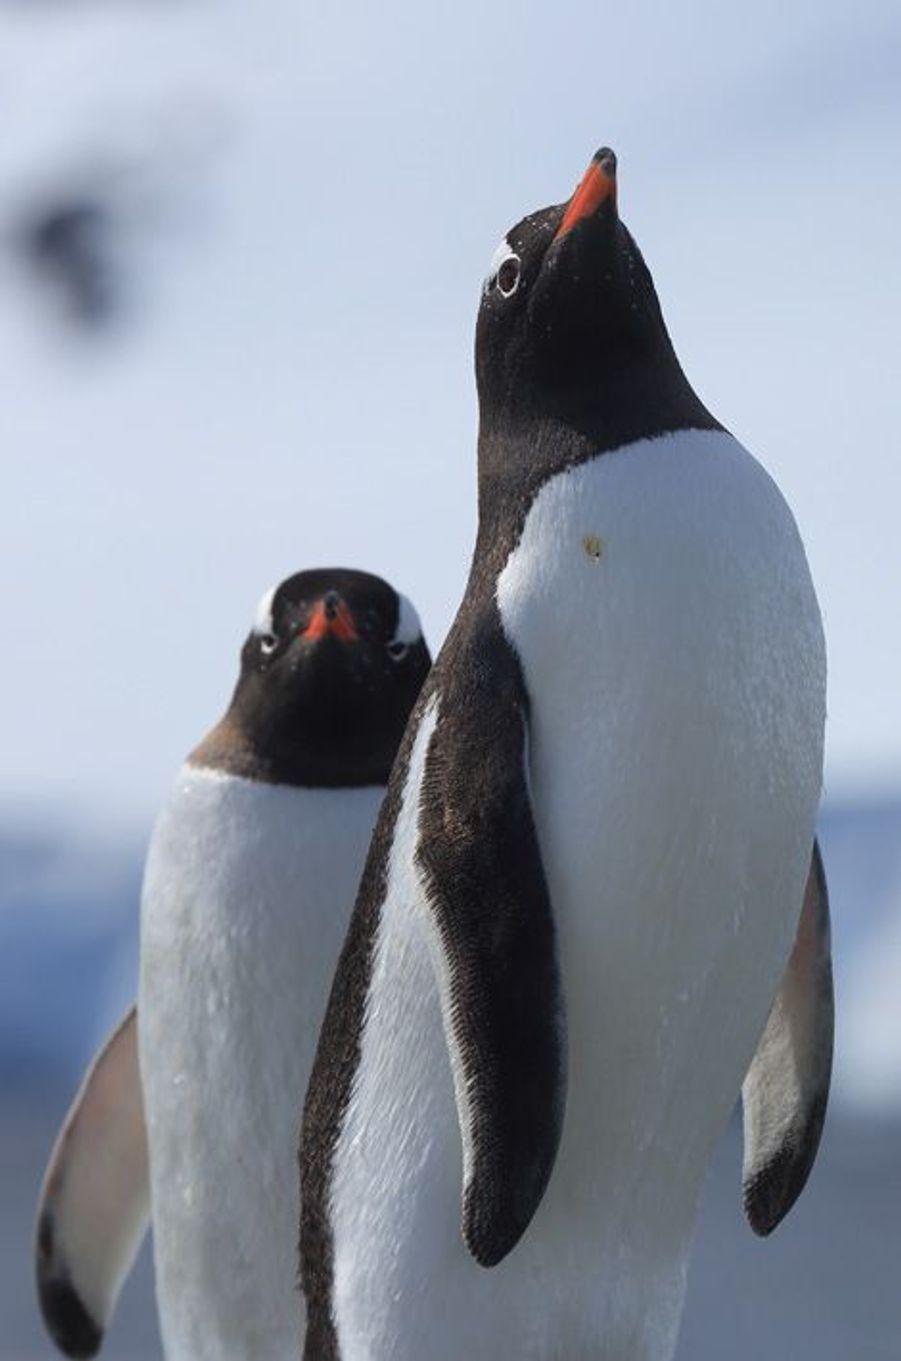 30 décembre, près de Yelcho. Ces manchots papous sèchent leurs plumes face à la brise après la pêche. Ils sont plus frileux que les Adélie. En raison du réchauffement climatique, on les trouve de plus en plus au sud dans l'Antarctique.